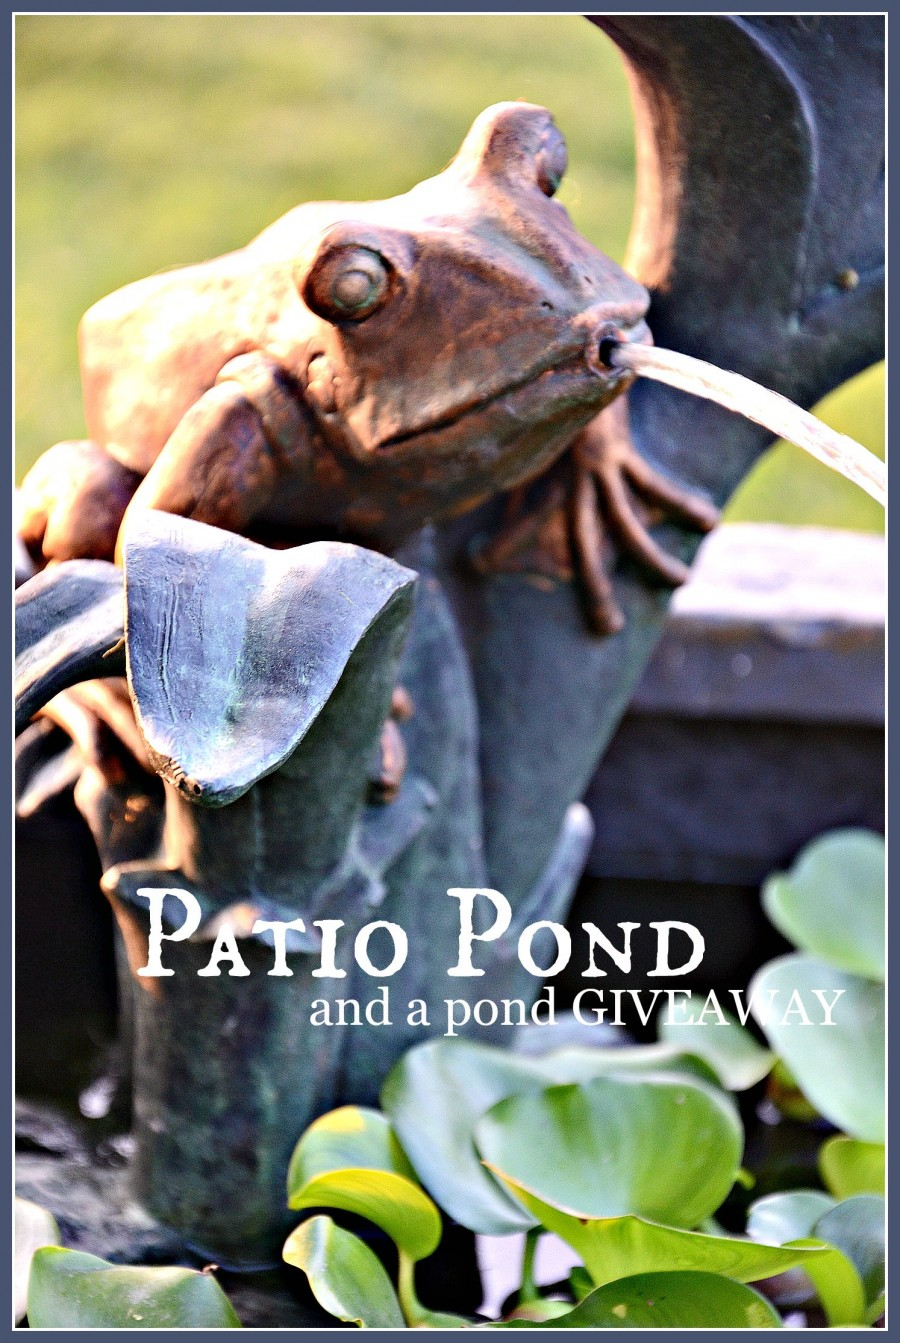 PATIO POND- a self contained pond and squirter-stonegableblog.com